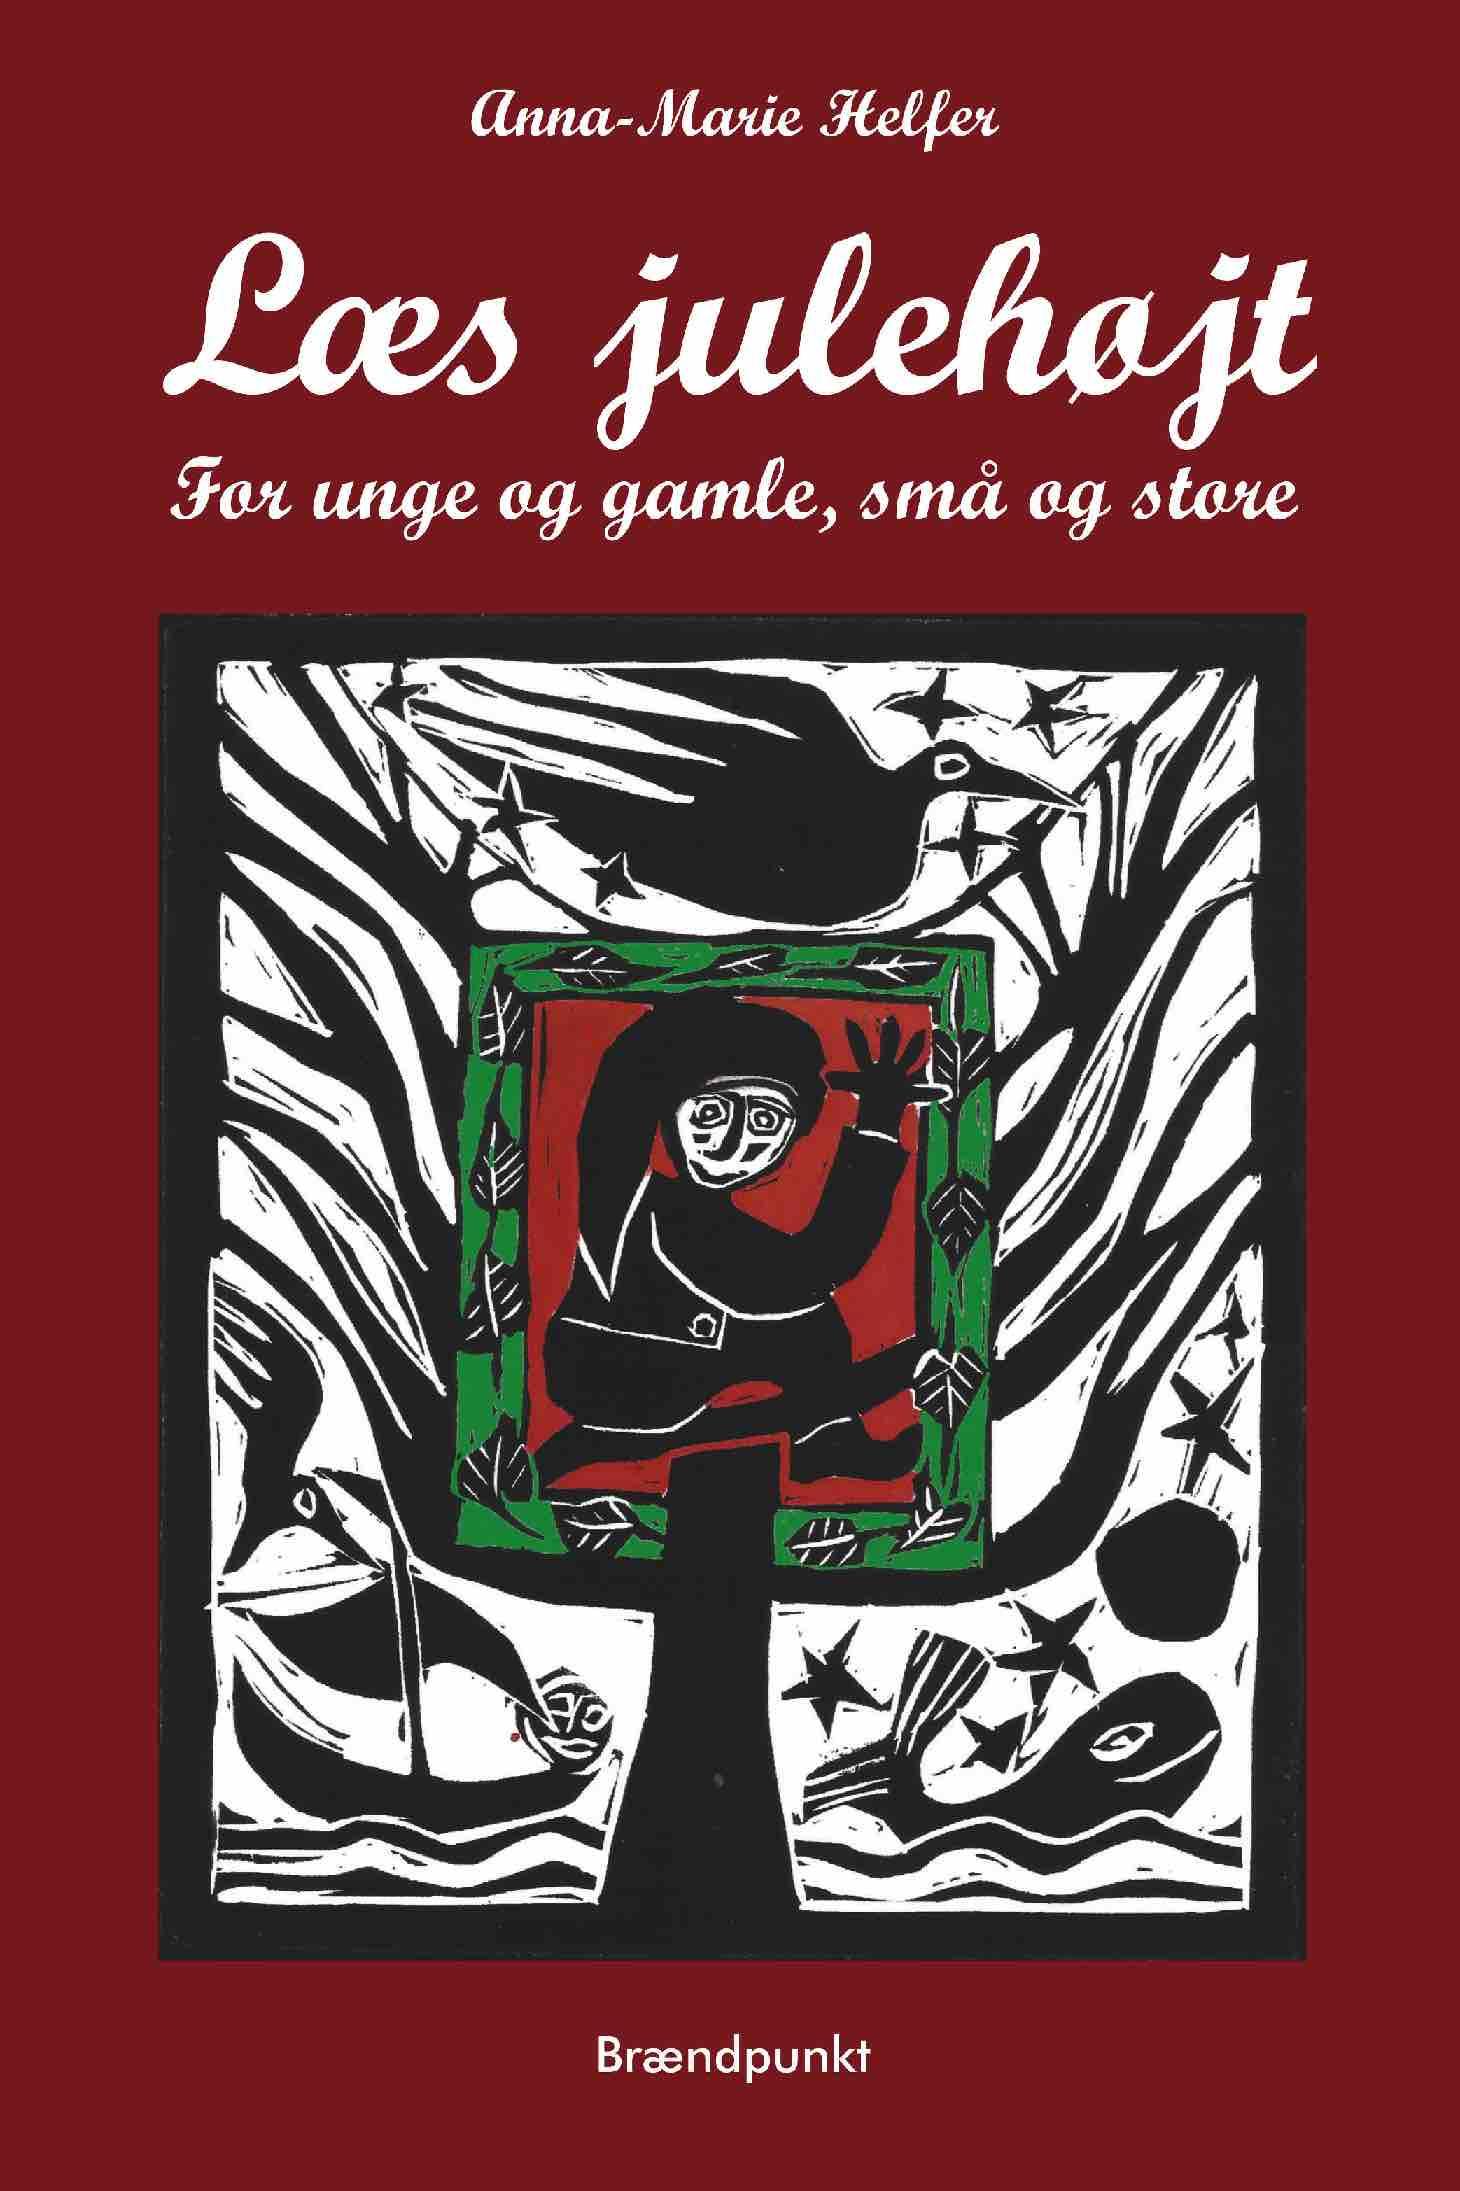 Læs julehøjt for unge og gamle, små og store af Anna-Marie Helfer